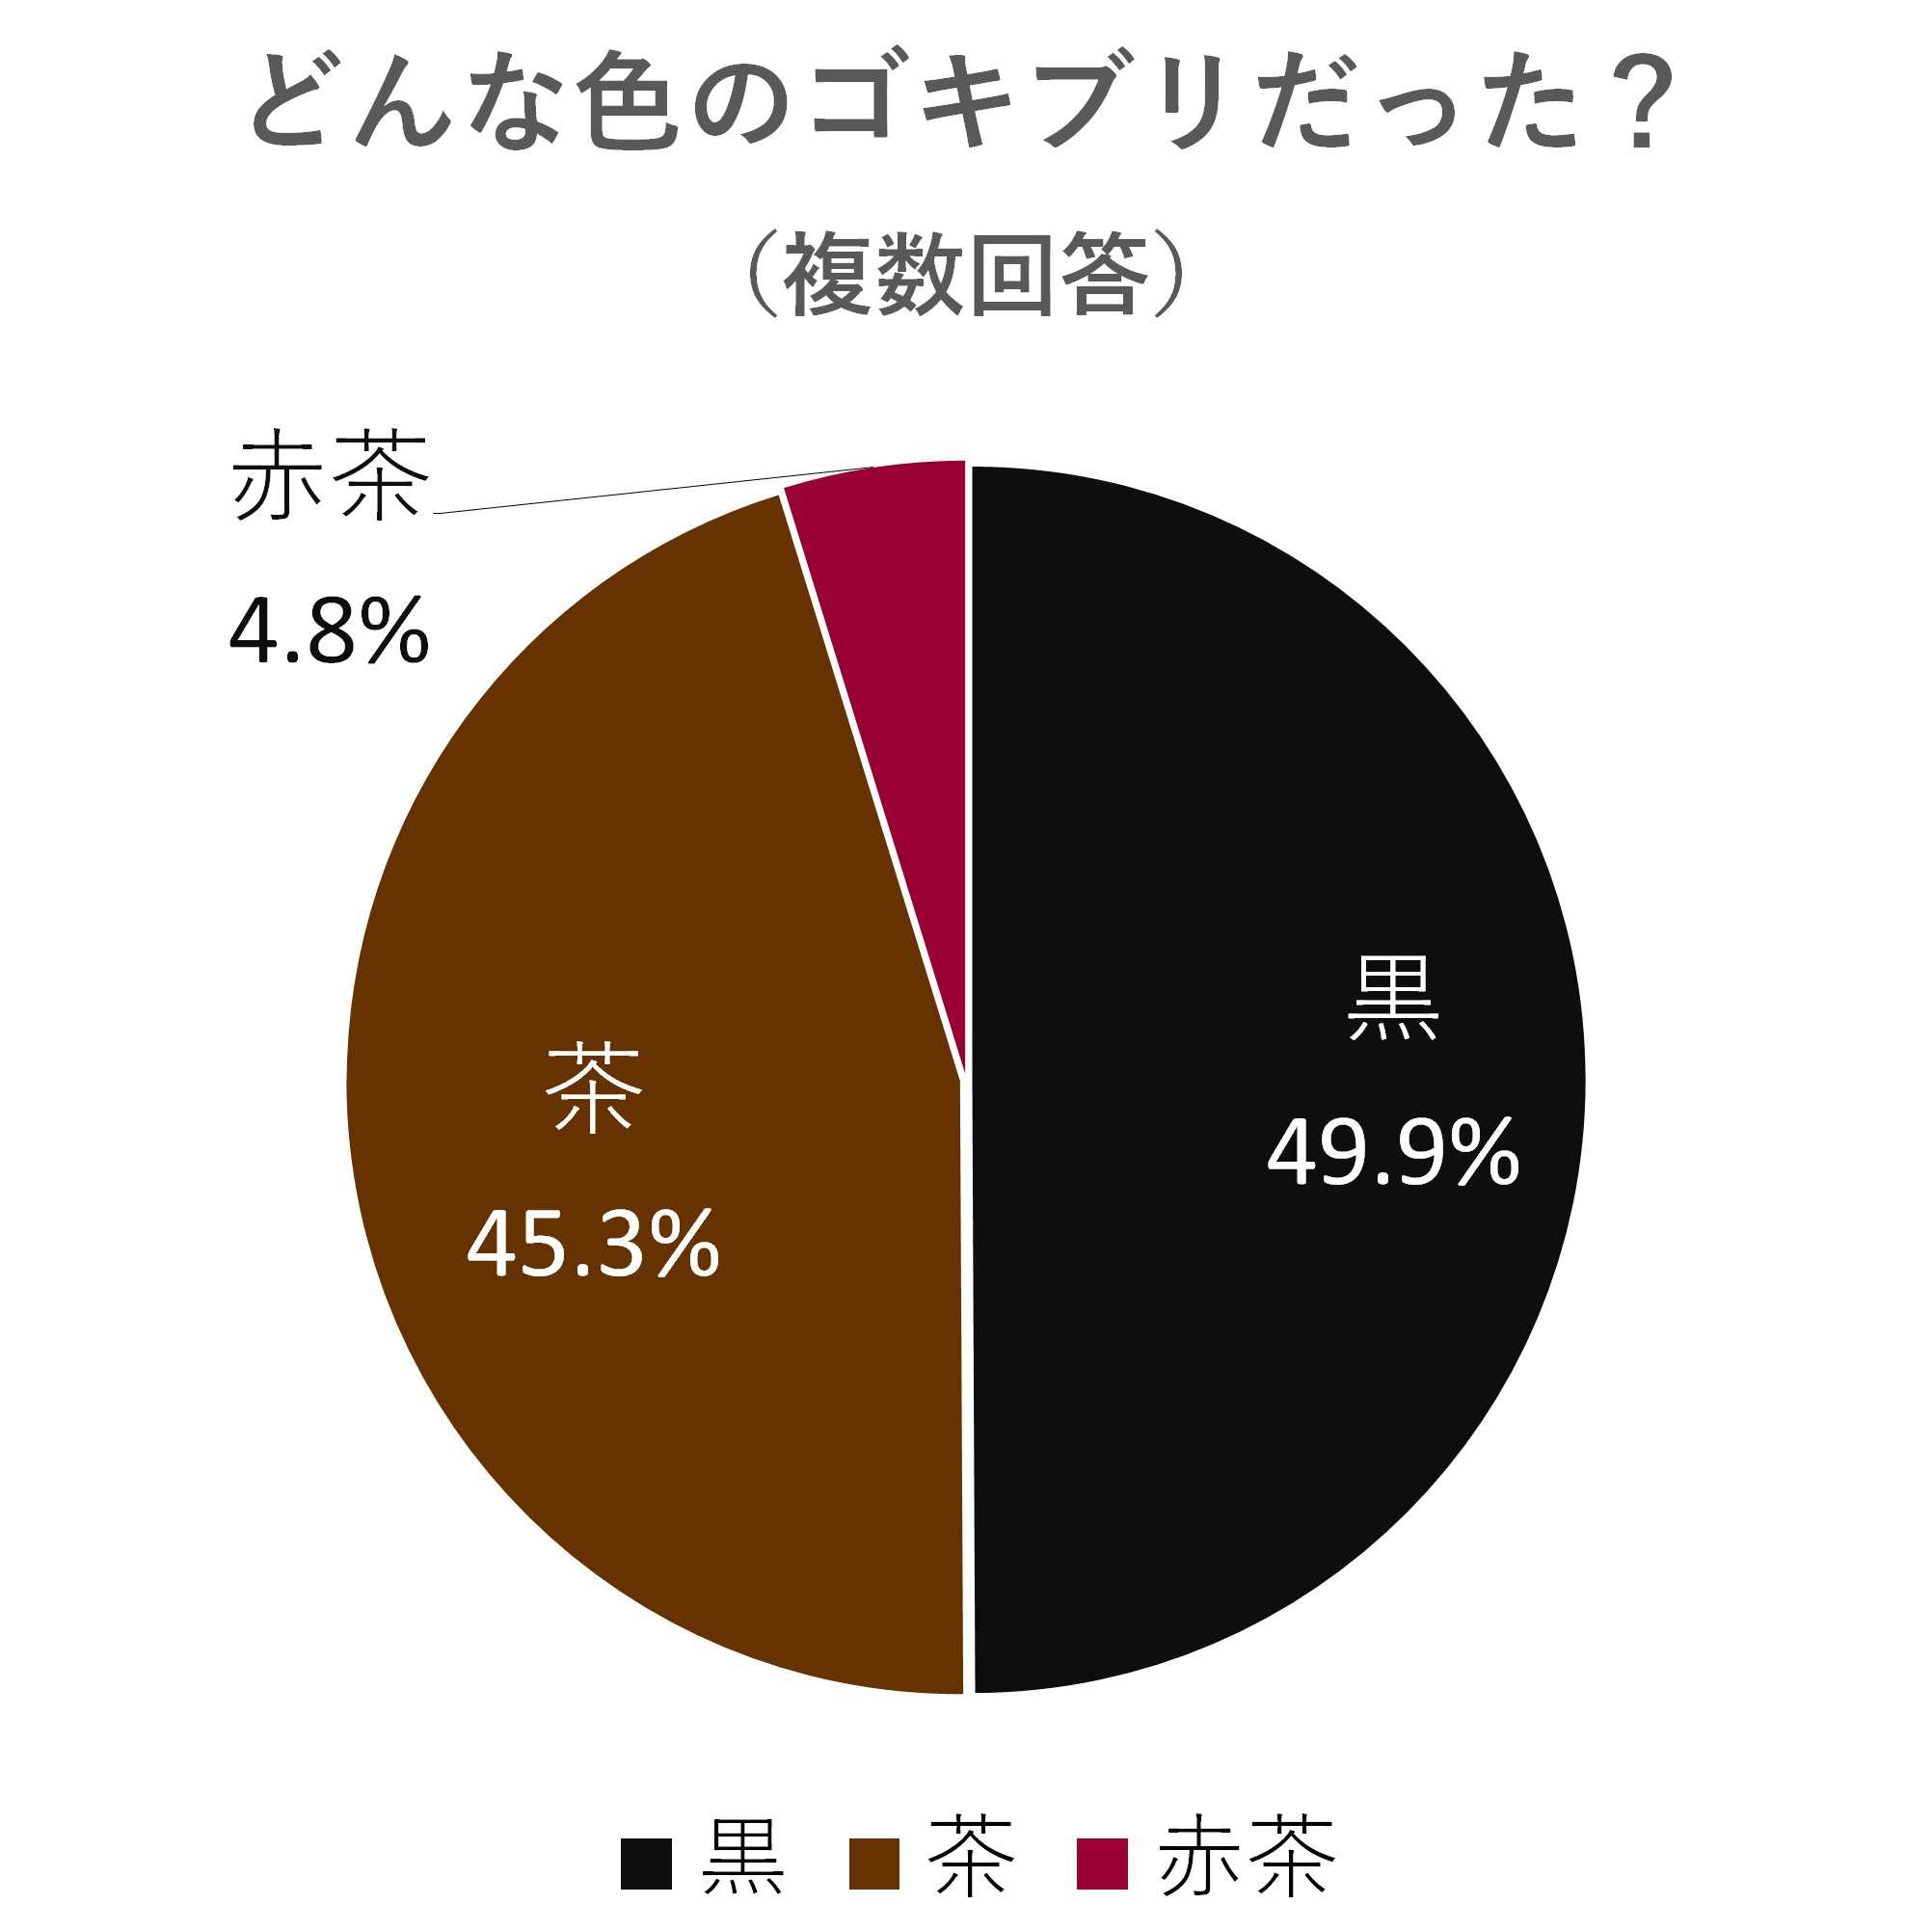 遭遇したゴキブリの色は黒49.9%茶45.3%赤茶4.8%